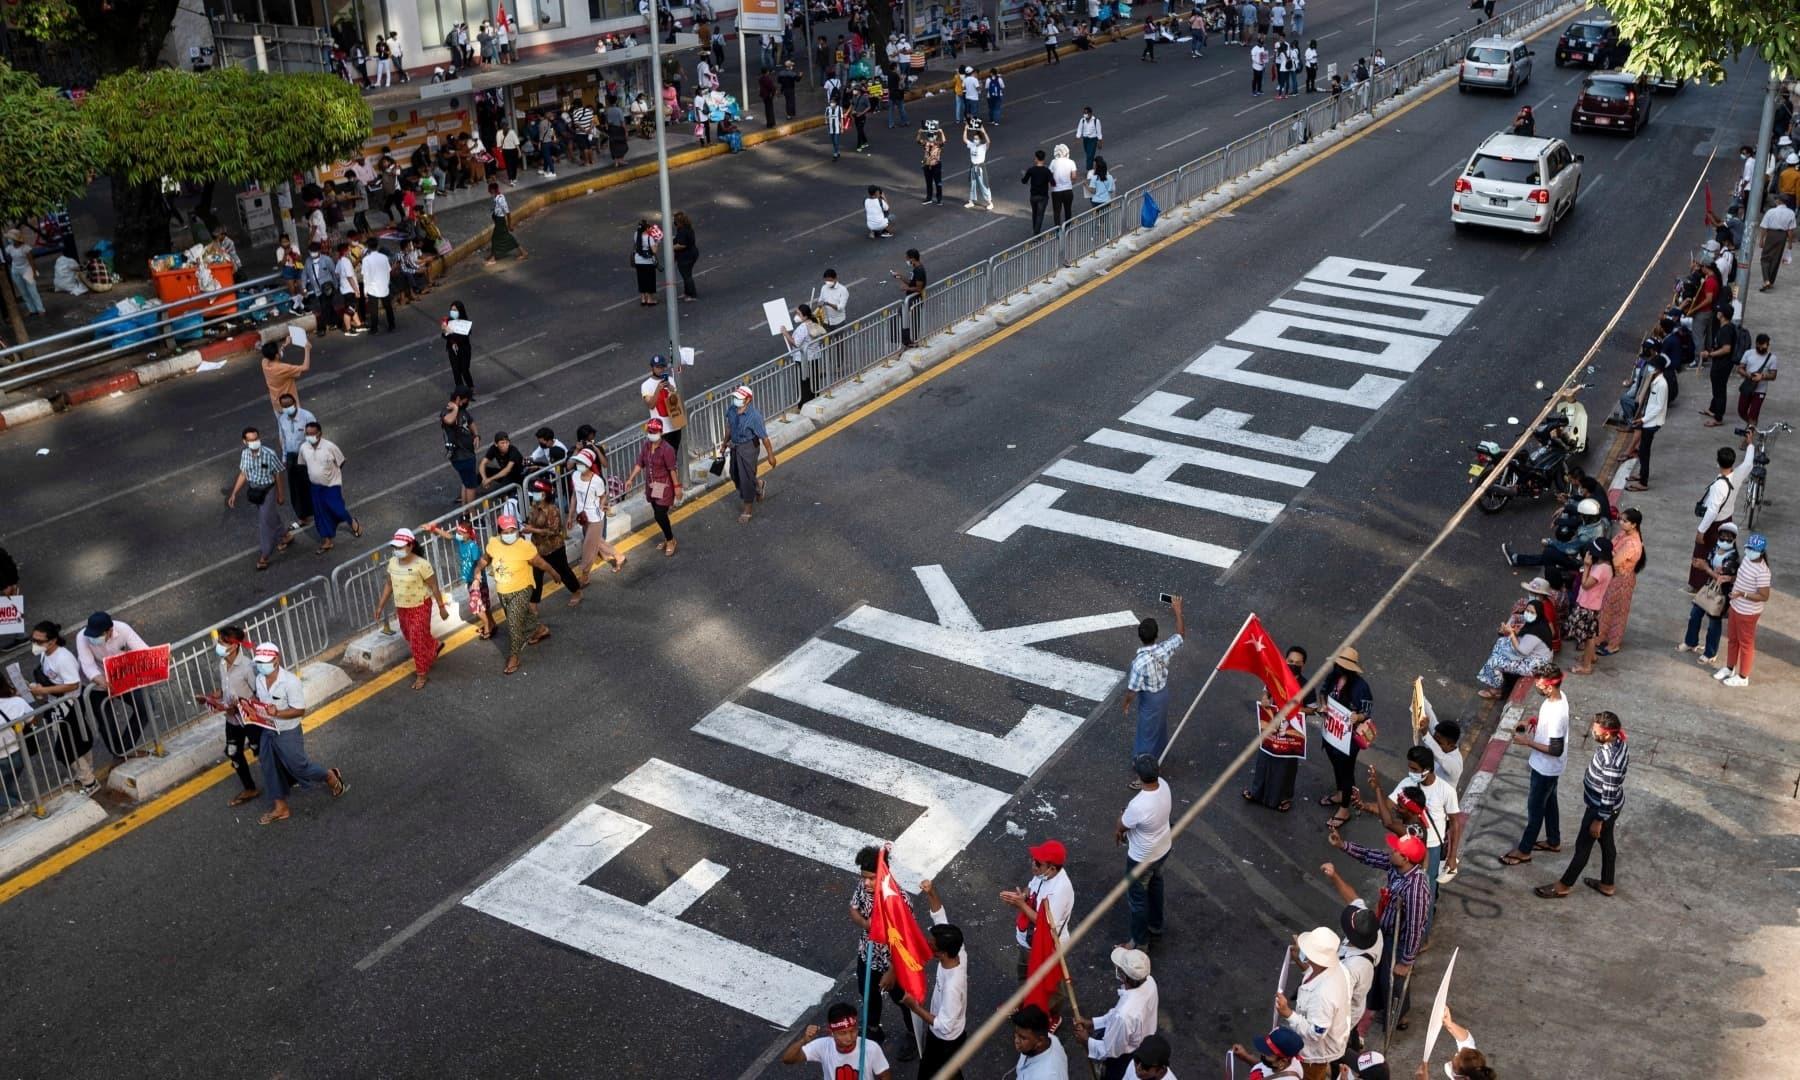 عوام نے سڑکوں پر فوج کے خلاف سخت زبان استعمال کرتے ہوئے نعرے درج کیے—فوٹو: رائٹرز